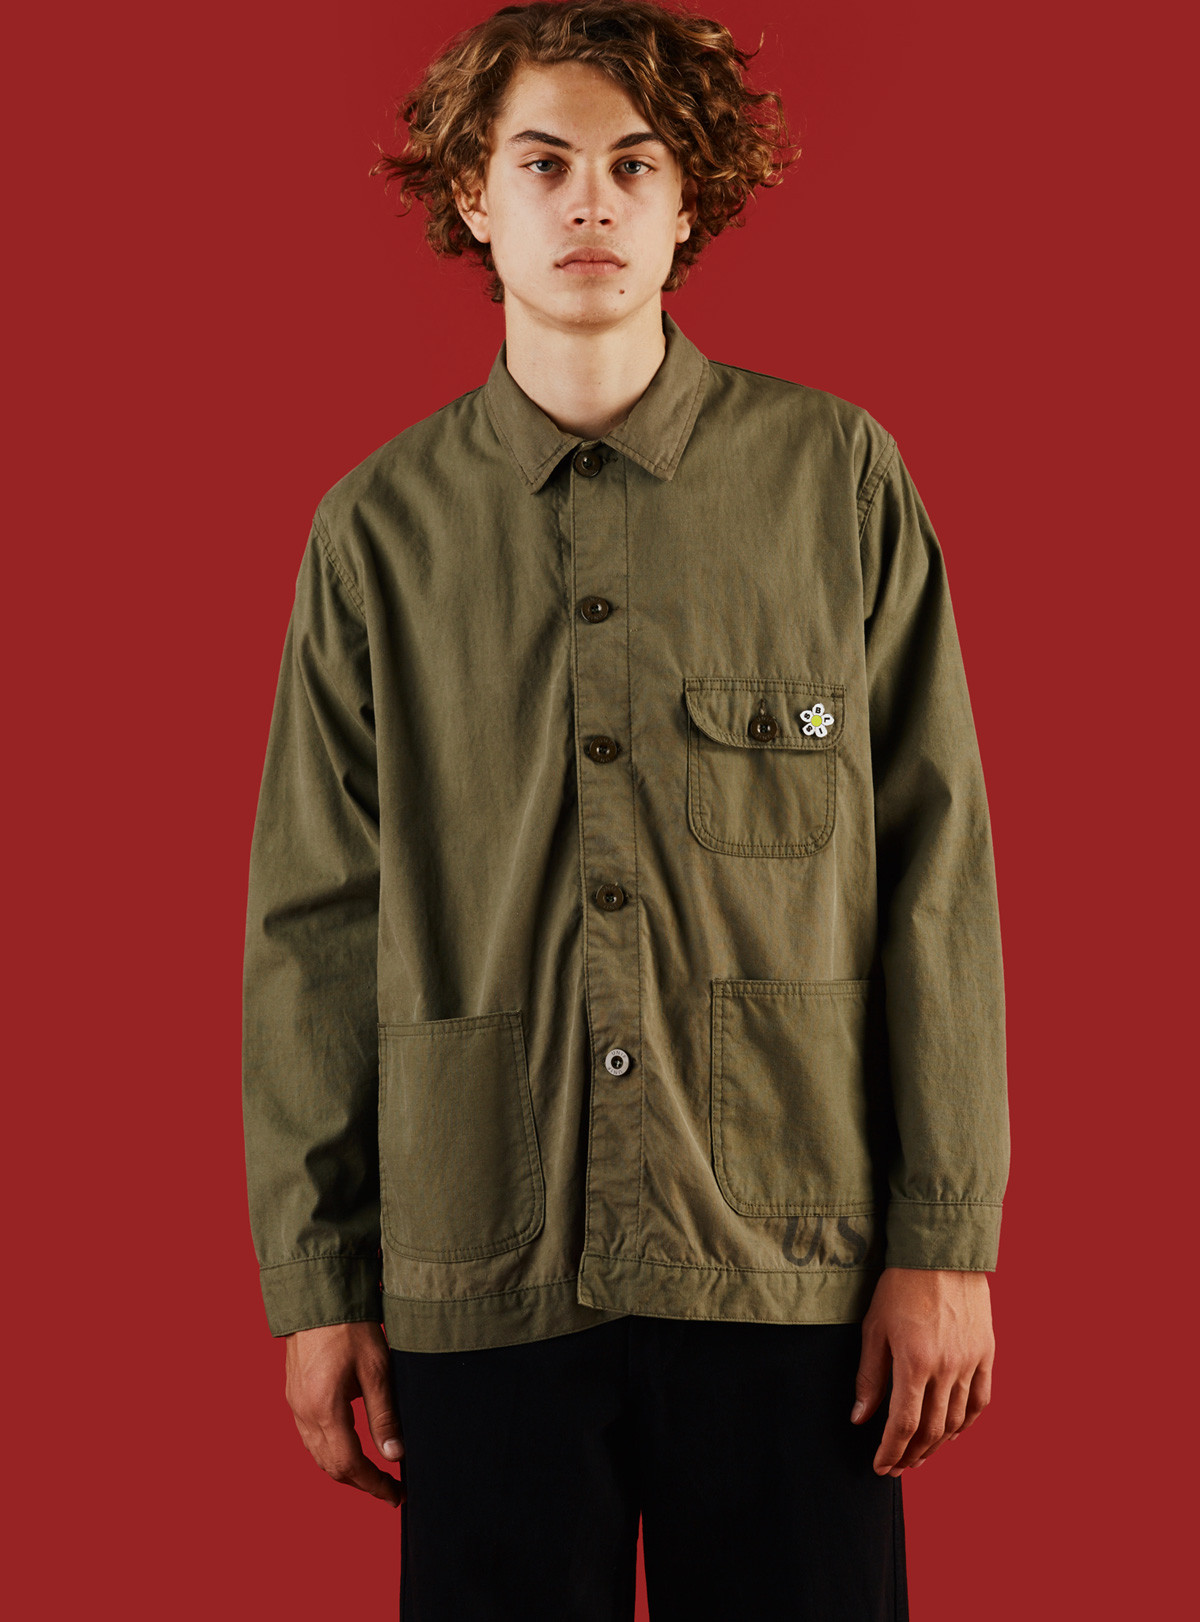 unif_army_prison_jacket_6